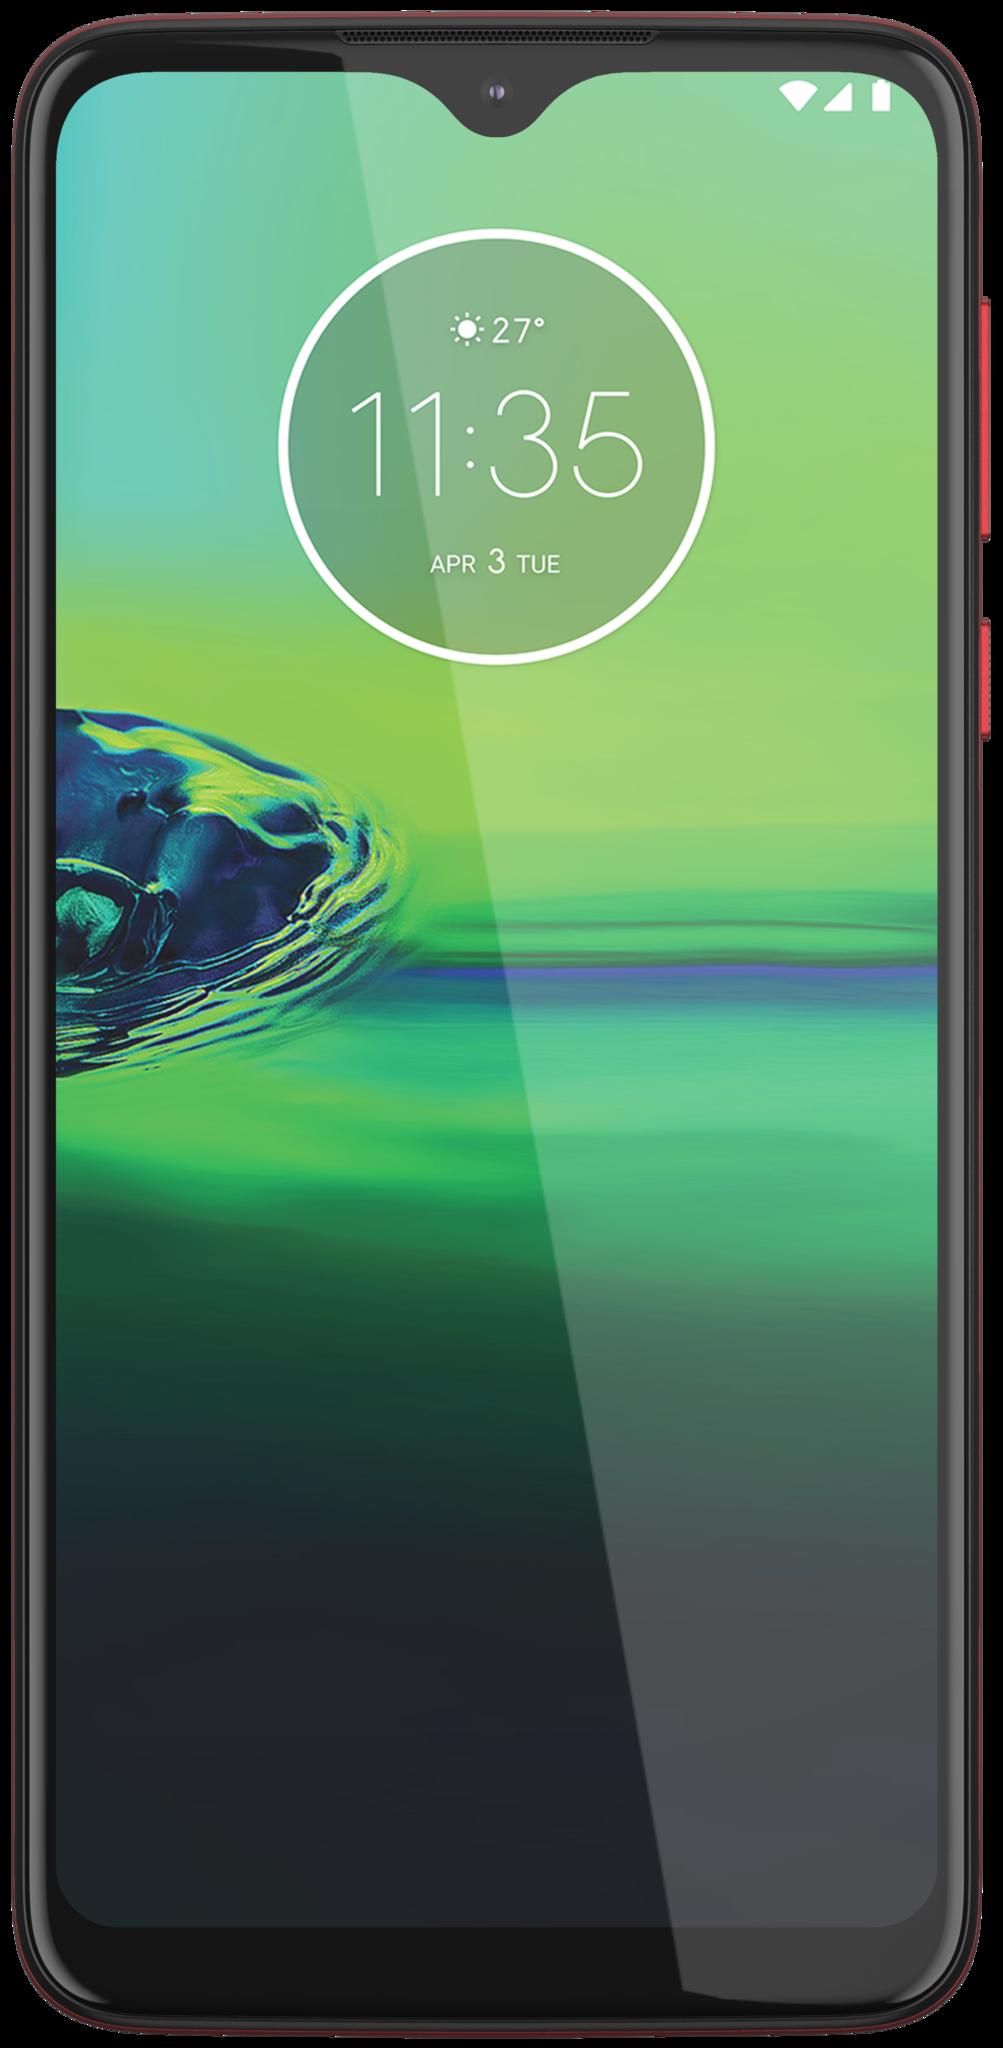 Смартфон Motorola Moto G8 Play: где купить, цены, характеристики